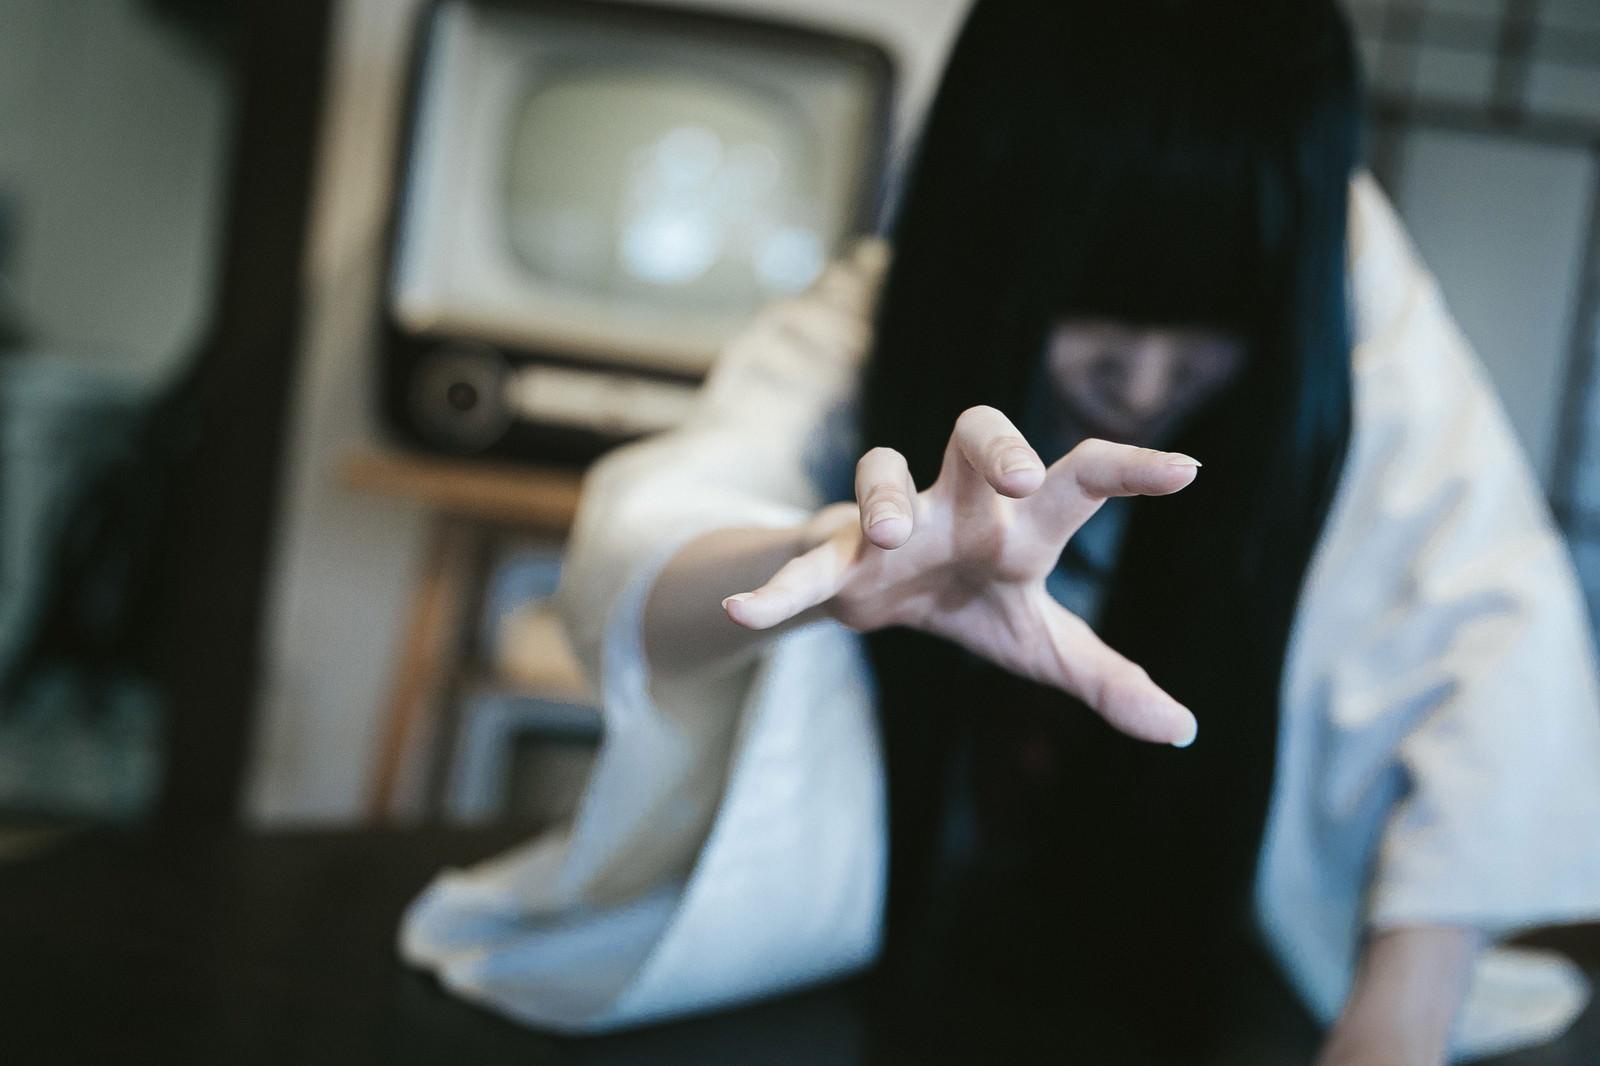 「視聴後にテレビから這い出てくる呪われた女性」の写真[モデル:緋真煉]